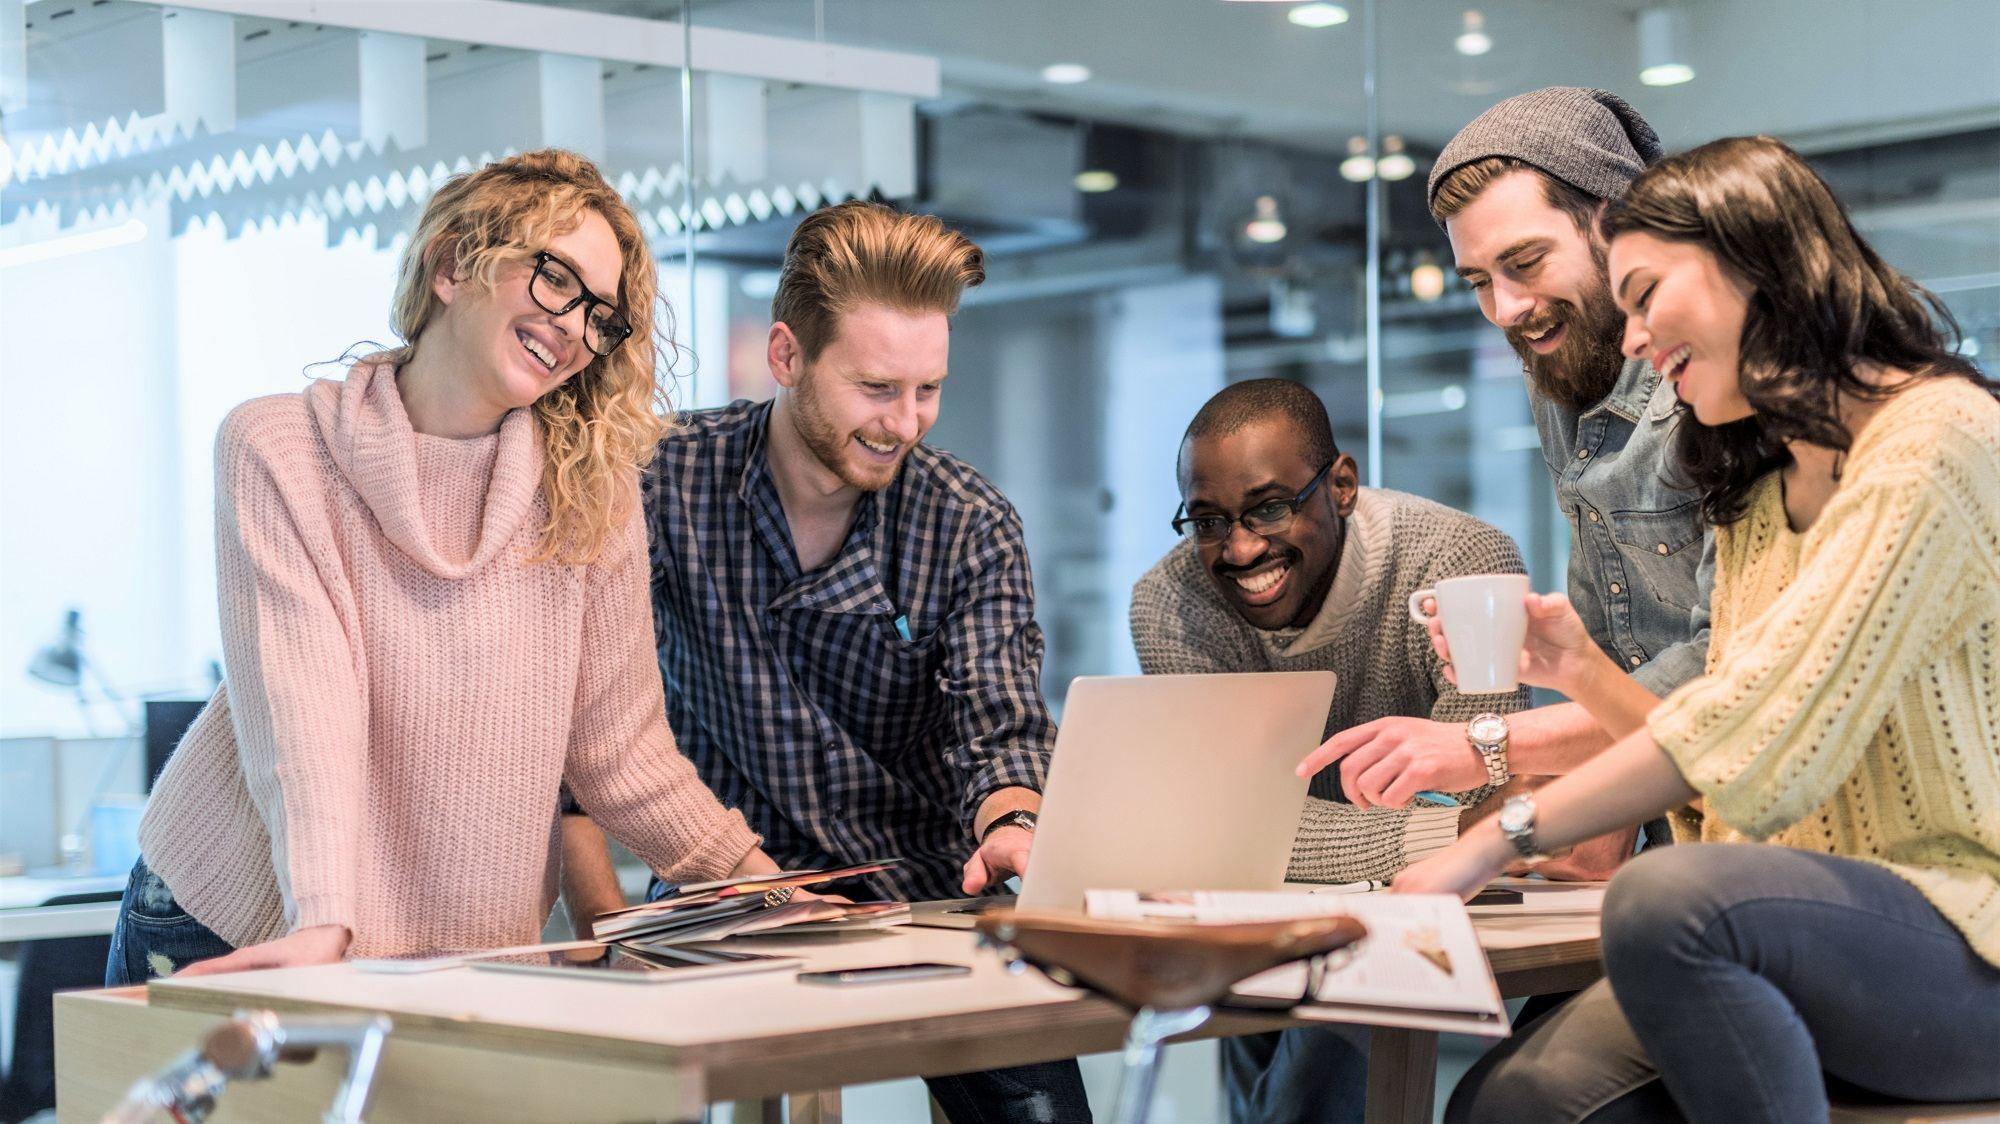 Os softwares de gestão ERP se tornaram parte essencial de todos os negócios bem-sucedidos.